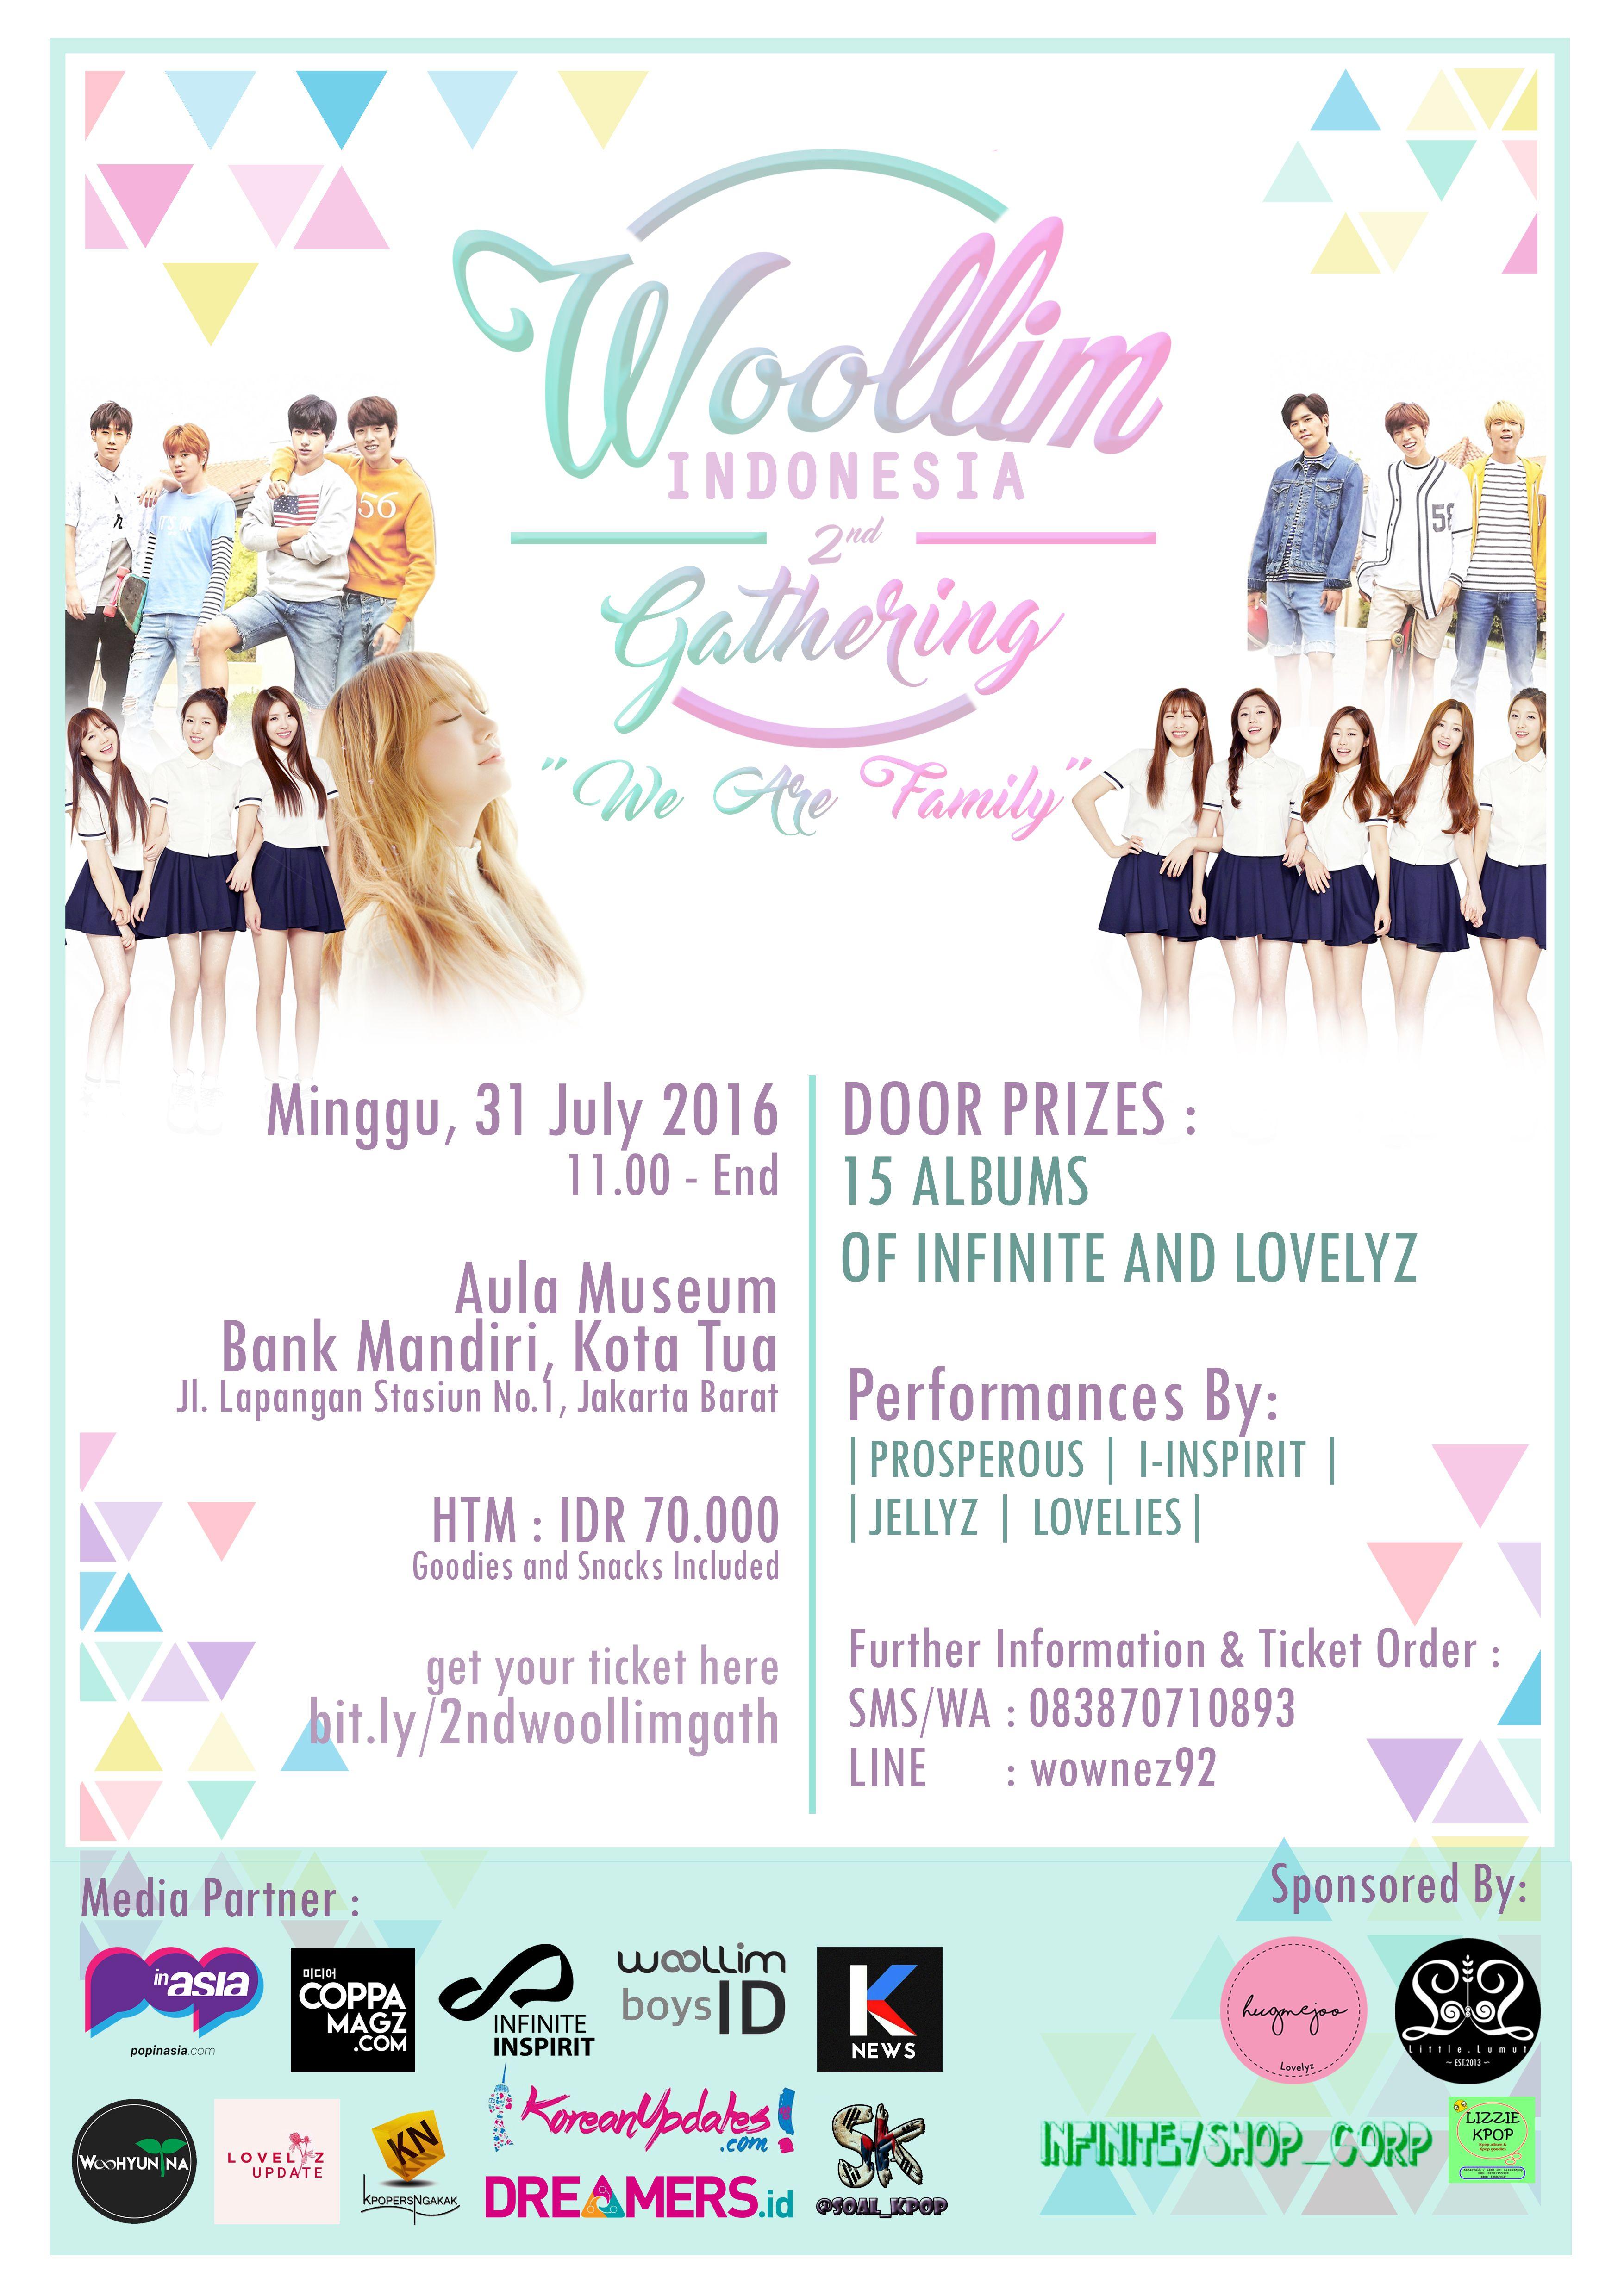 Woollim INA 2nd Anniversary [Sponsorship]